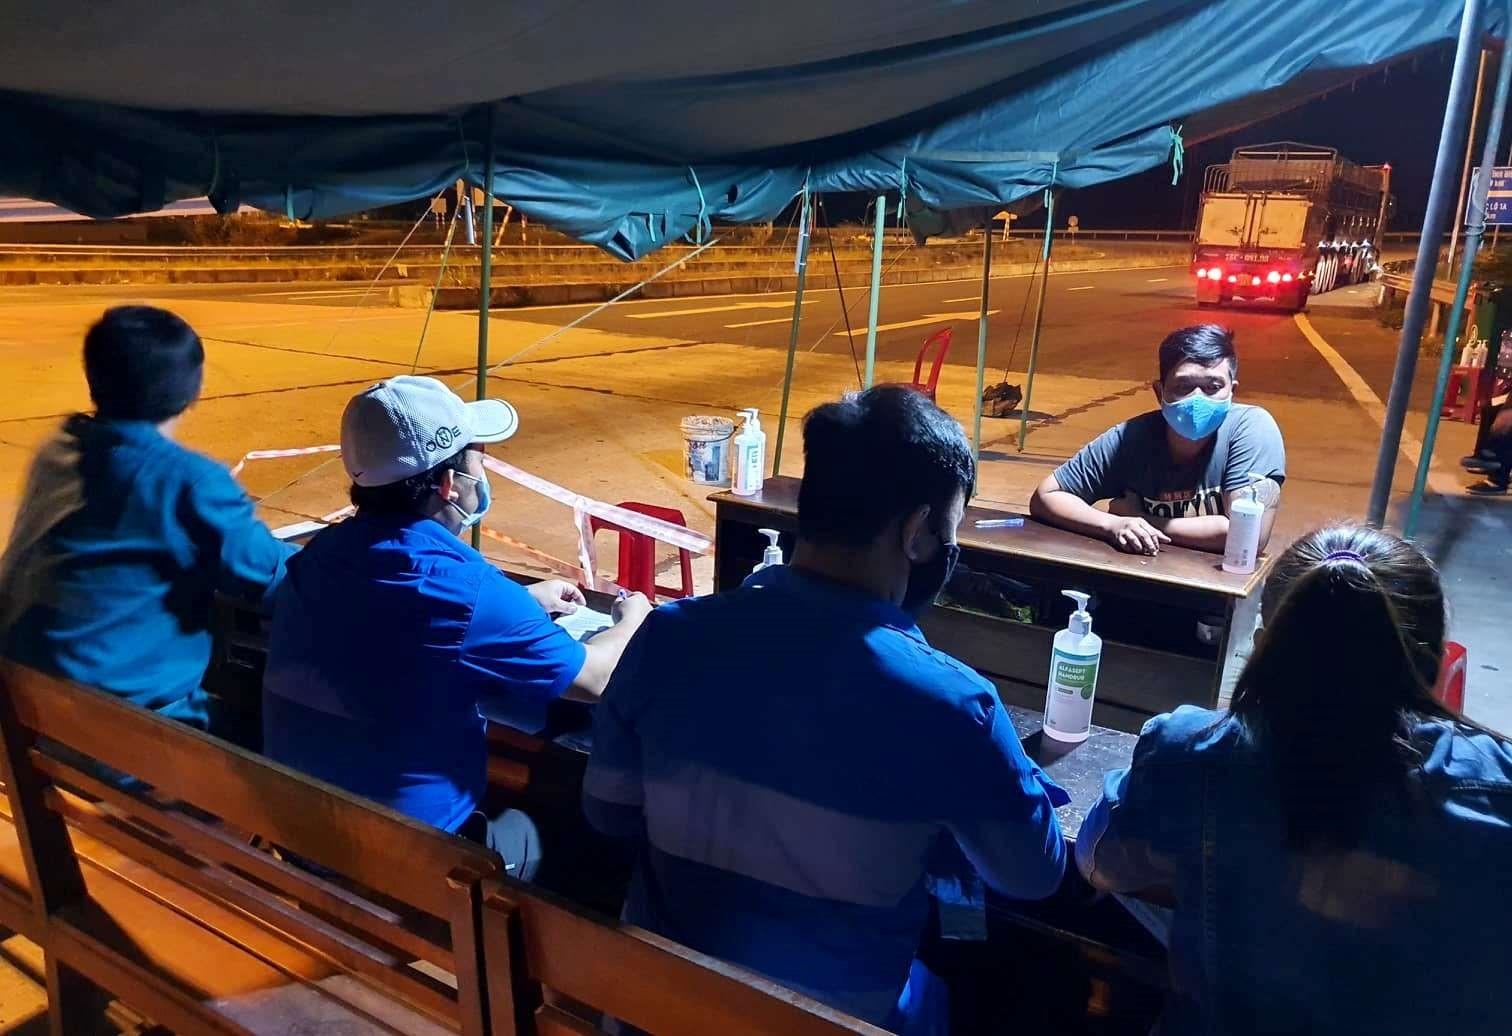 Không chỉ ban ngày, lực lượng thanh niên xung kích của tỉnh còn tham gia hỗ trợ tại các chốt kiểm soát vào ban đêm. Ảnh: V.A